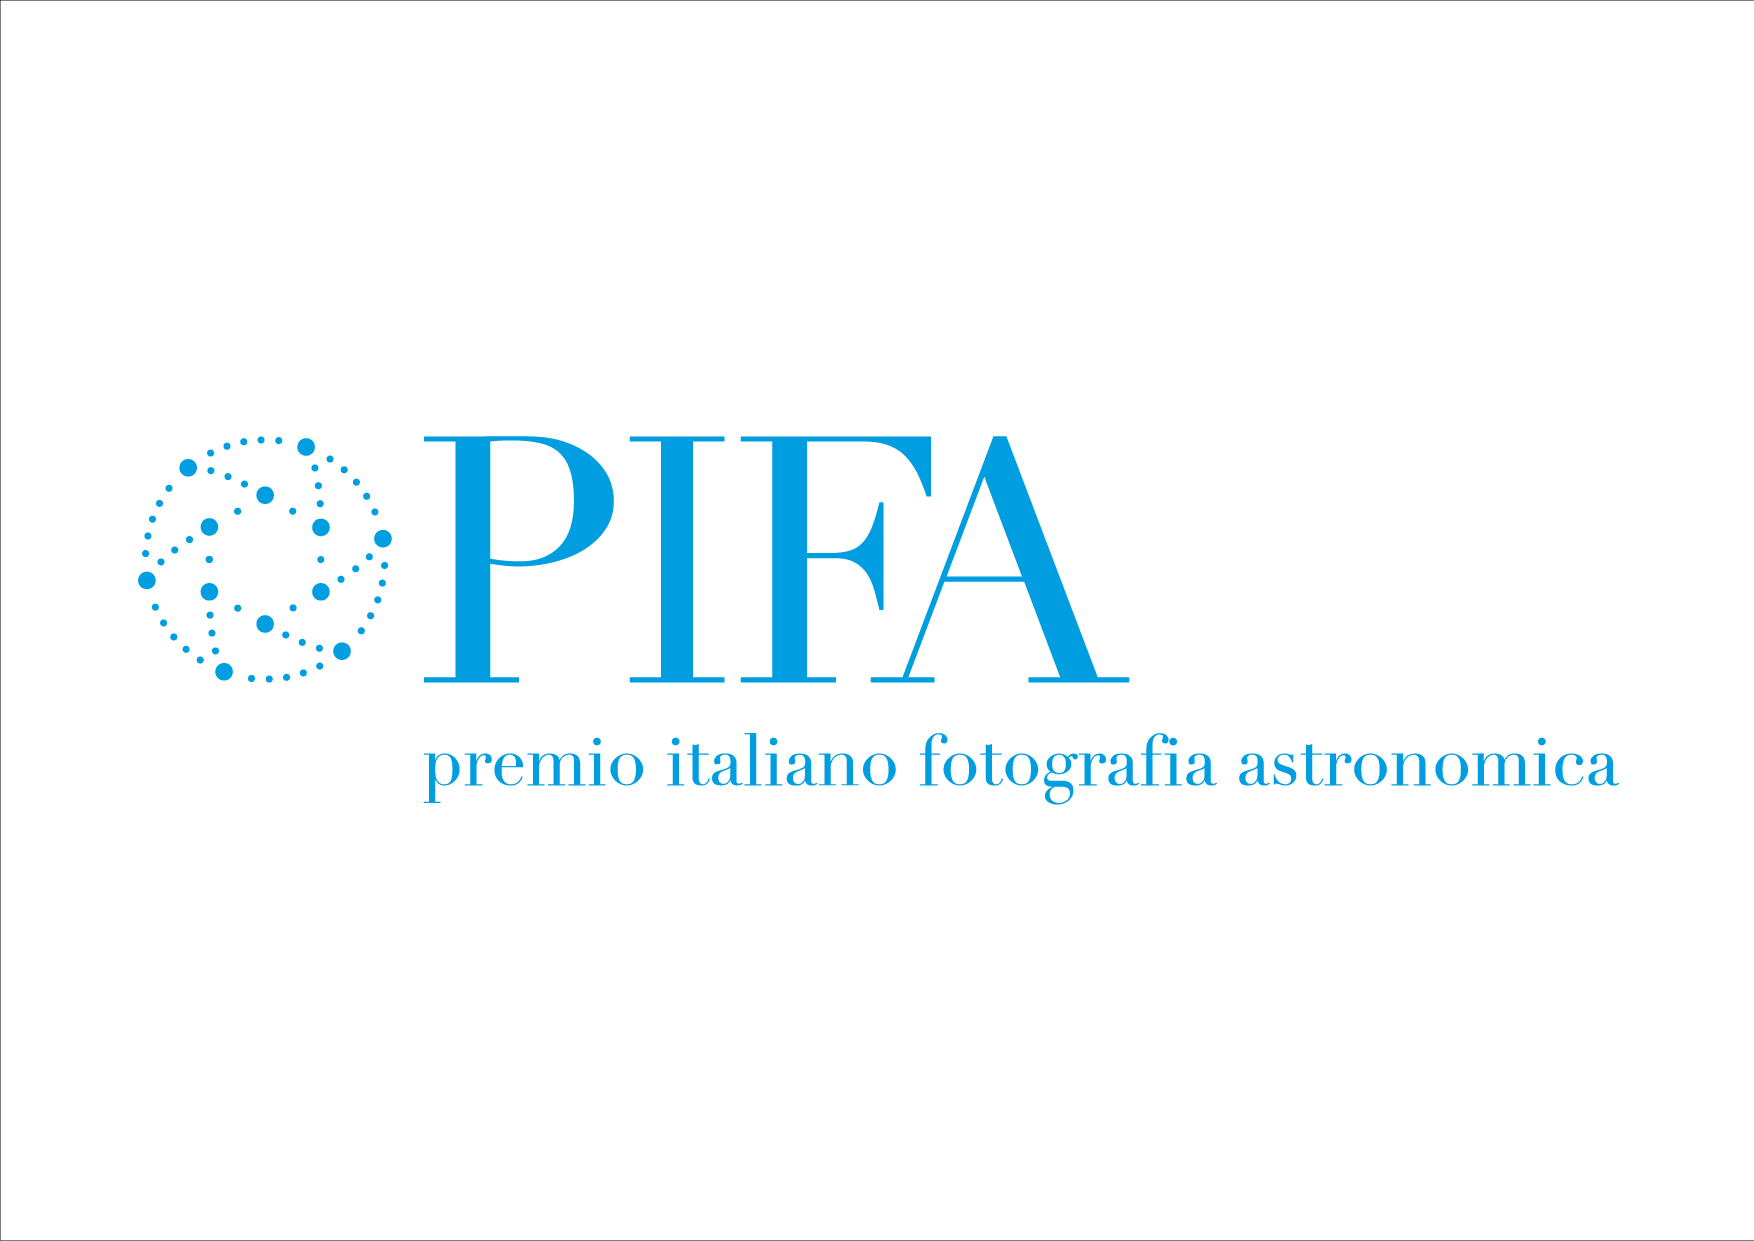 Il logo del Premio Italiano Fotografia Astronomica